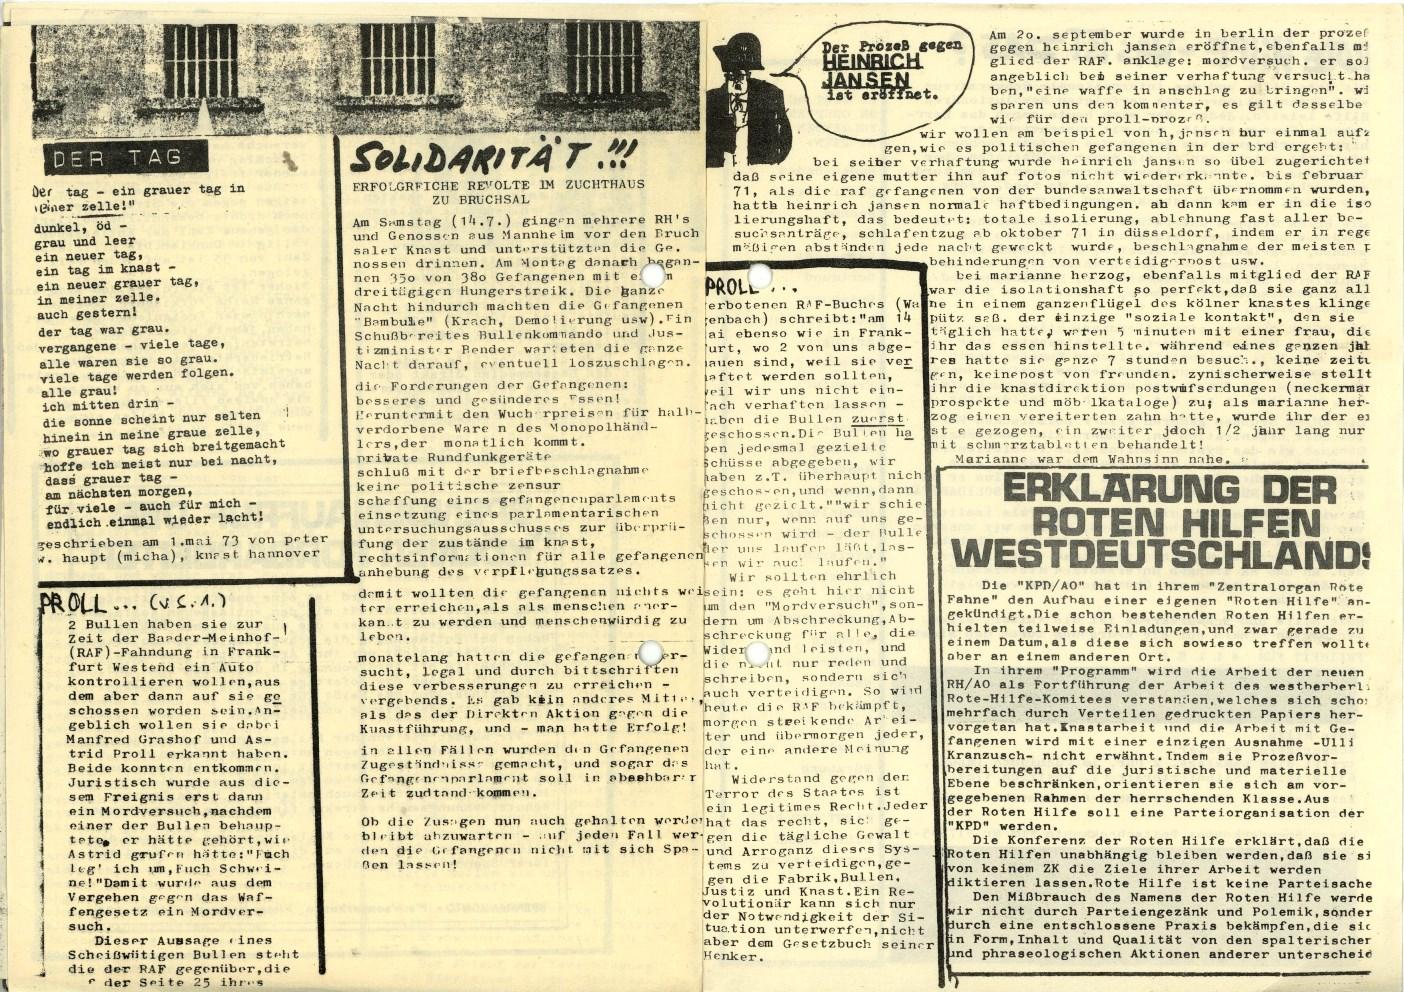 Wetzlar_RH_SK_Nachrichten_1973_01_04